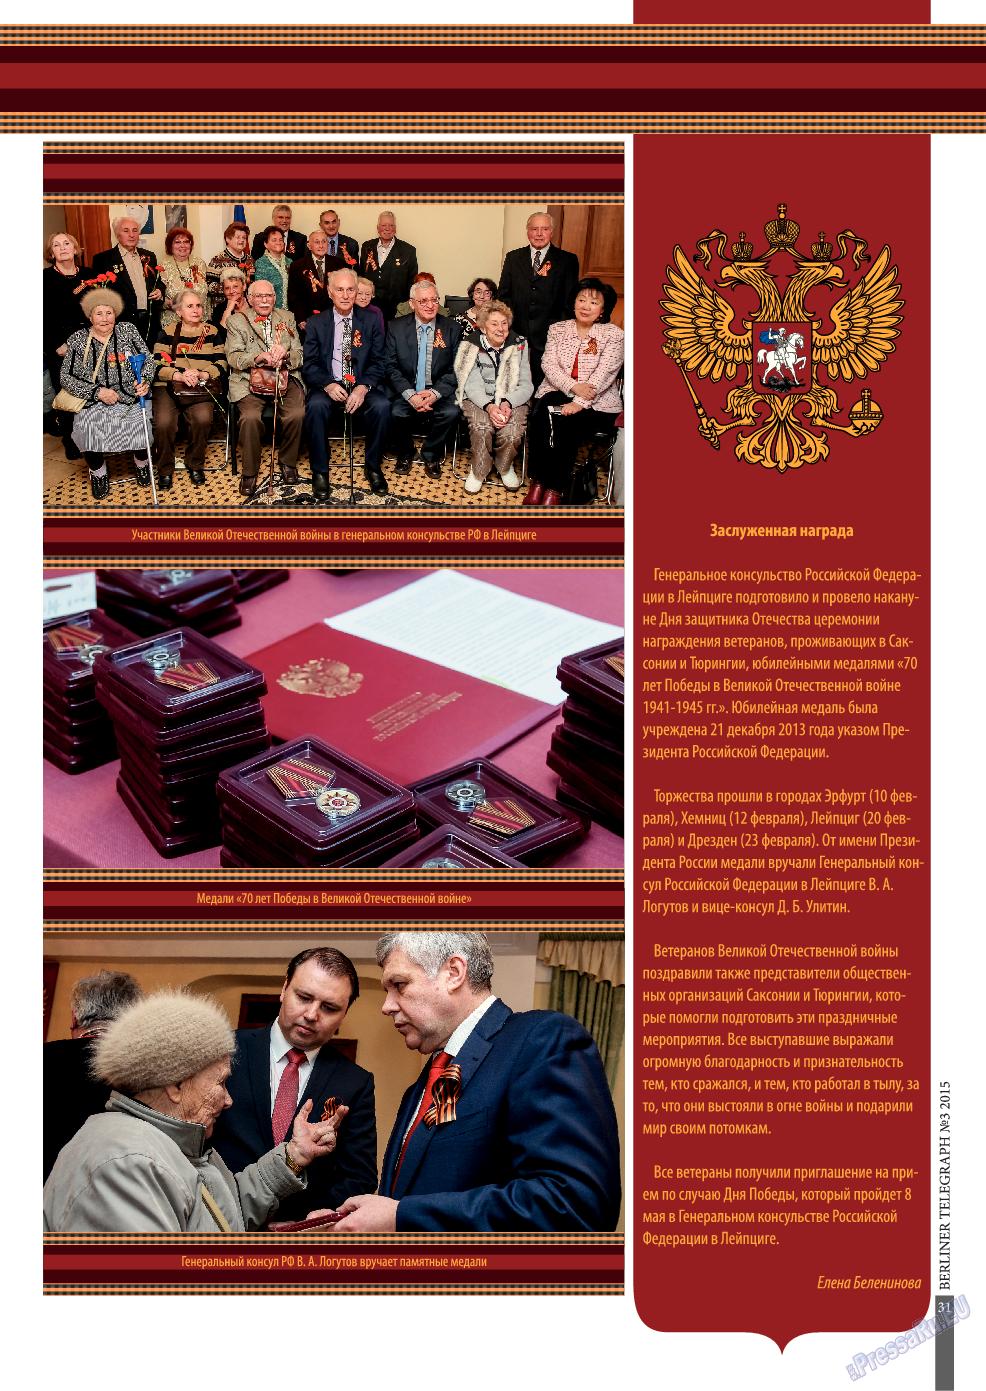 Берлинский телеграф (журнал). 2015 год, номер 3, стр. 31